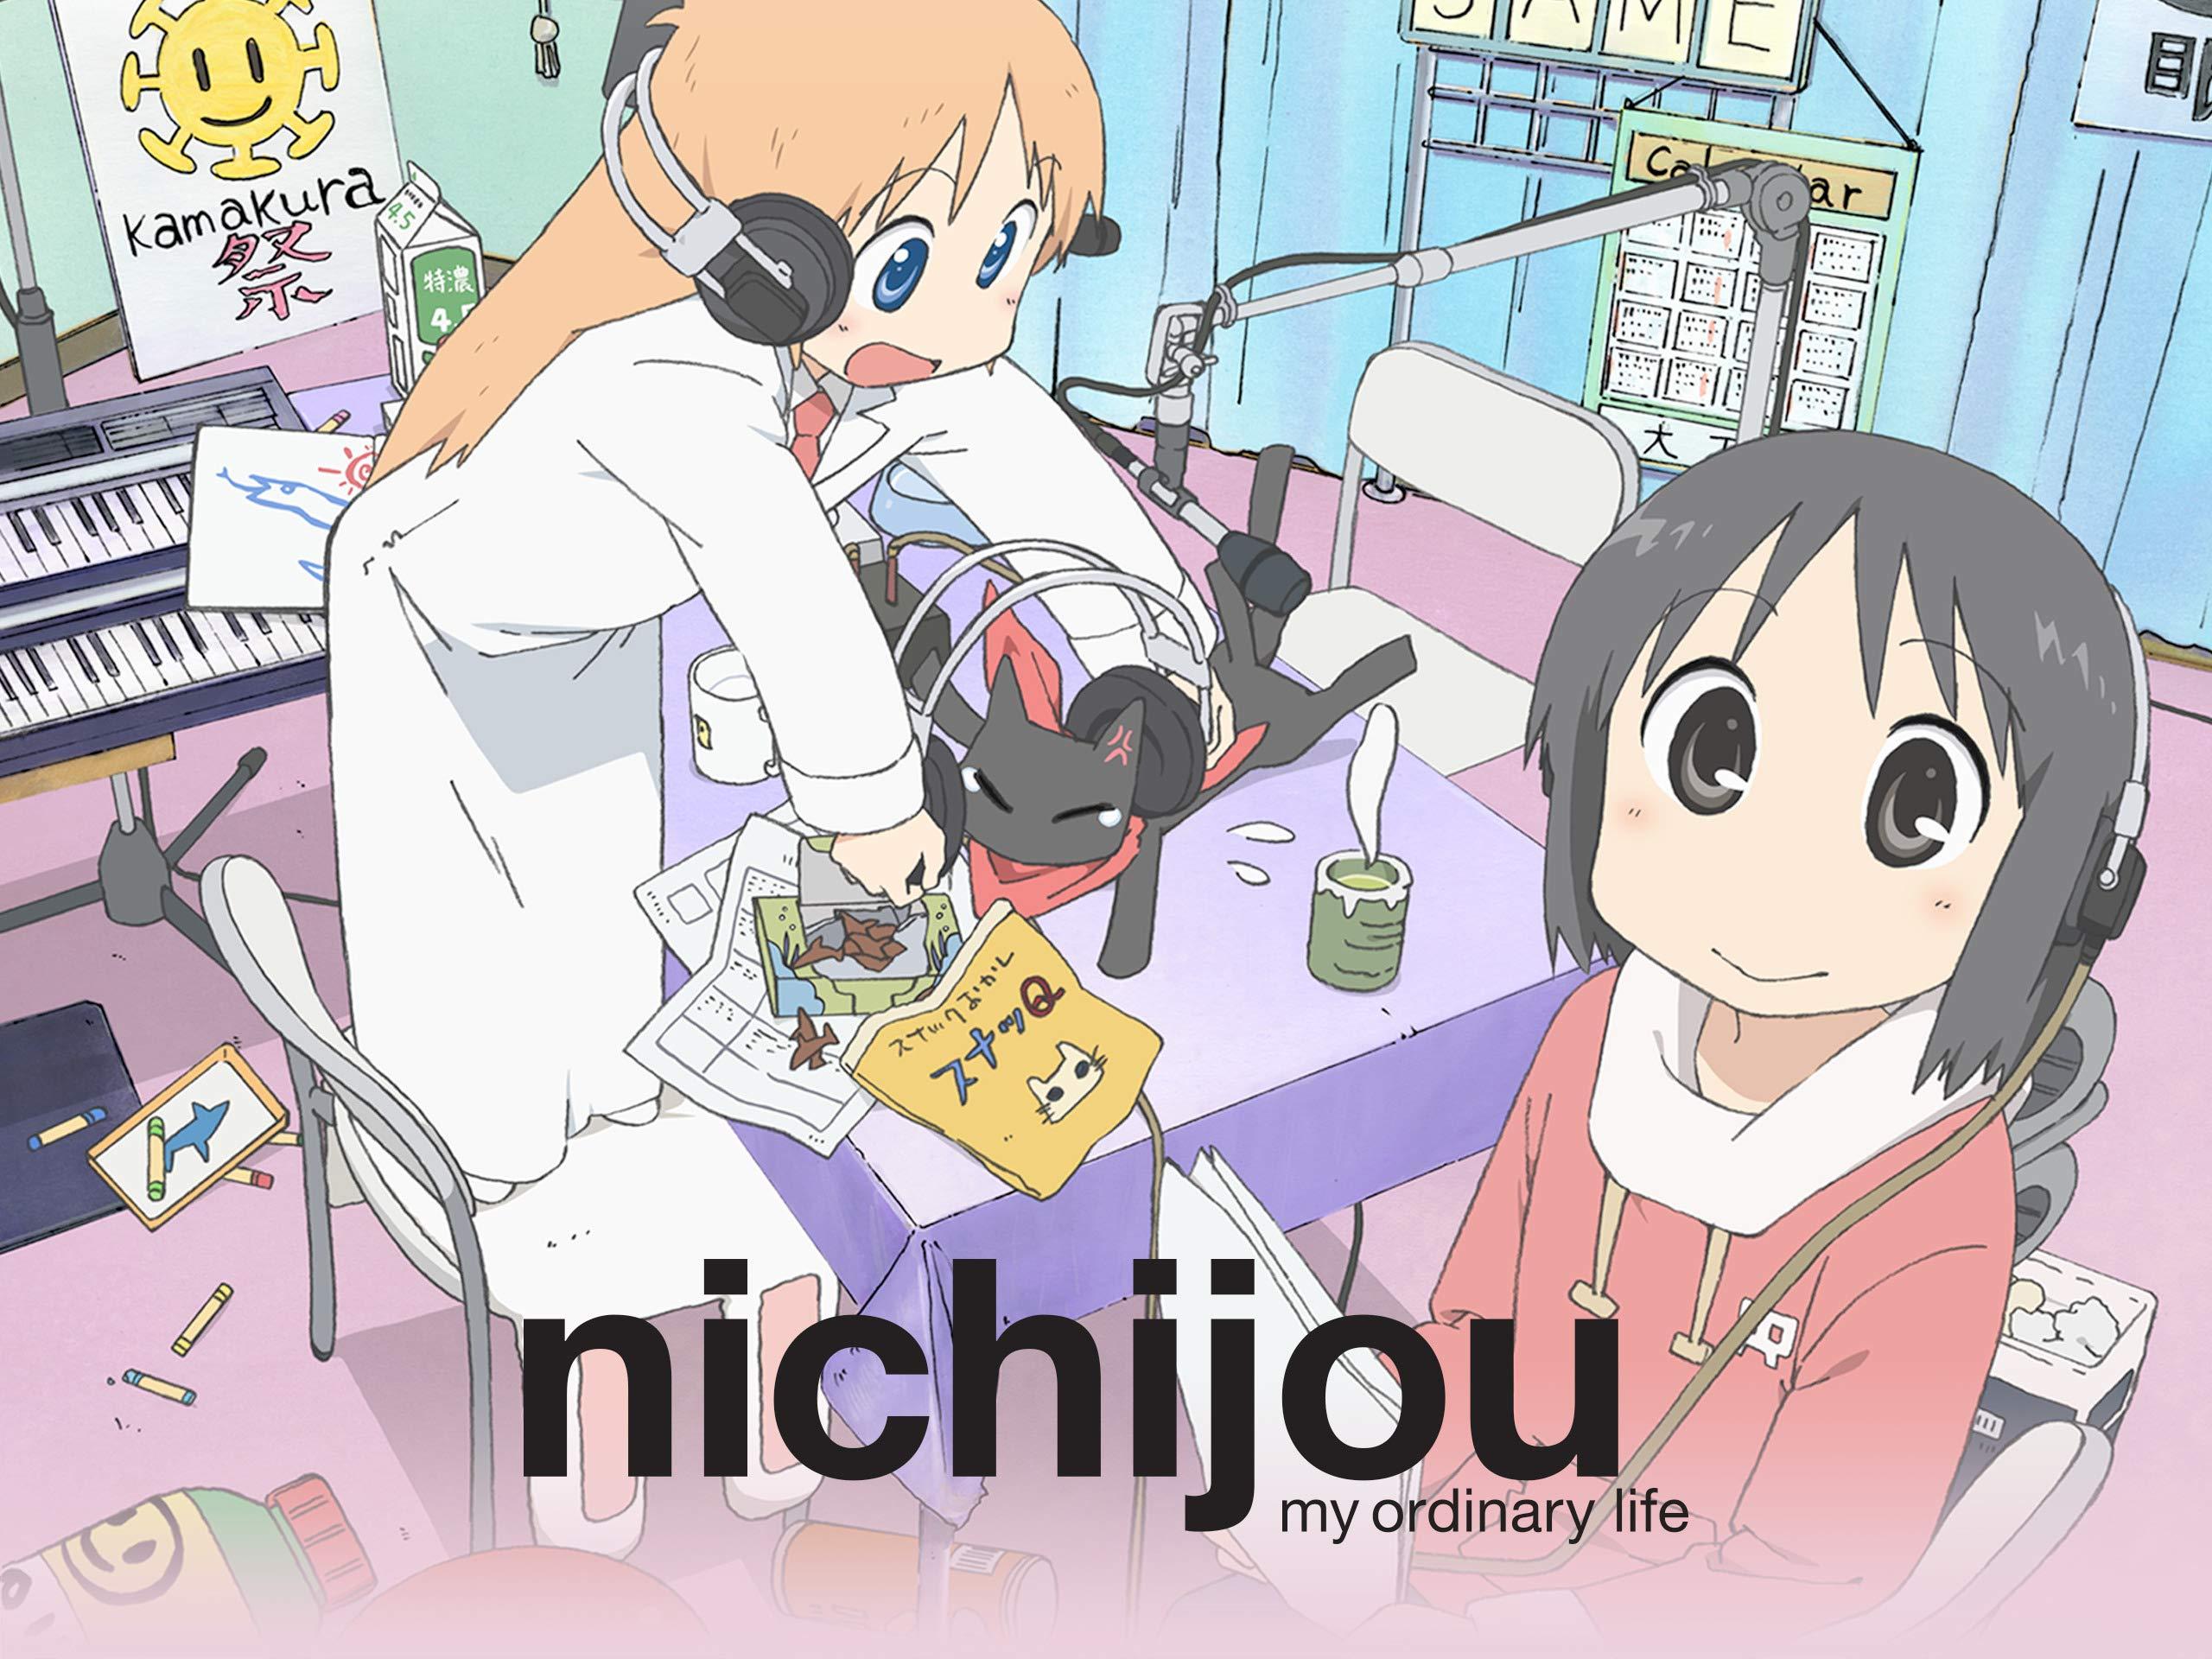 Nichijou season 2